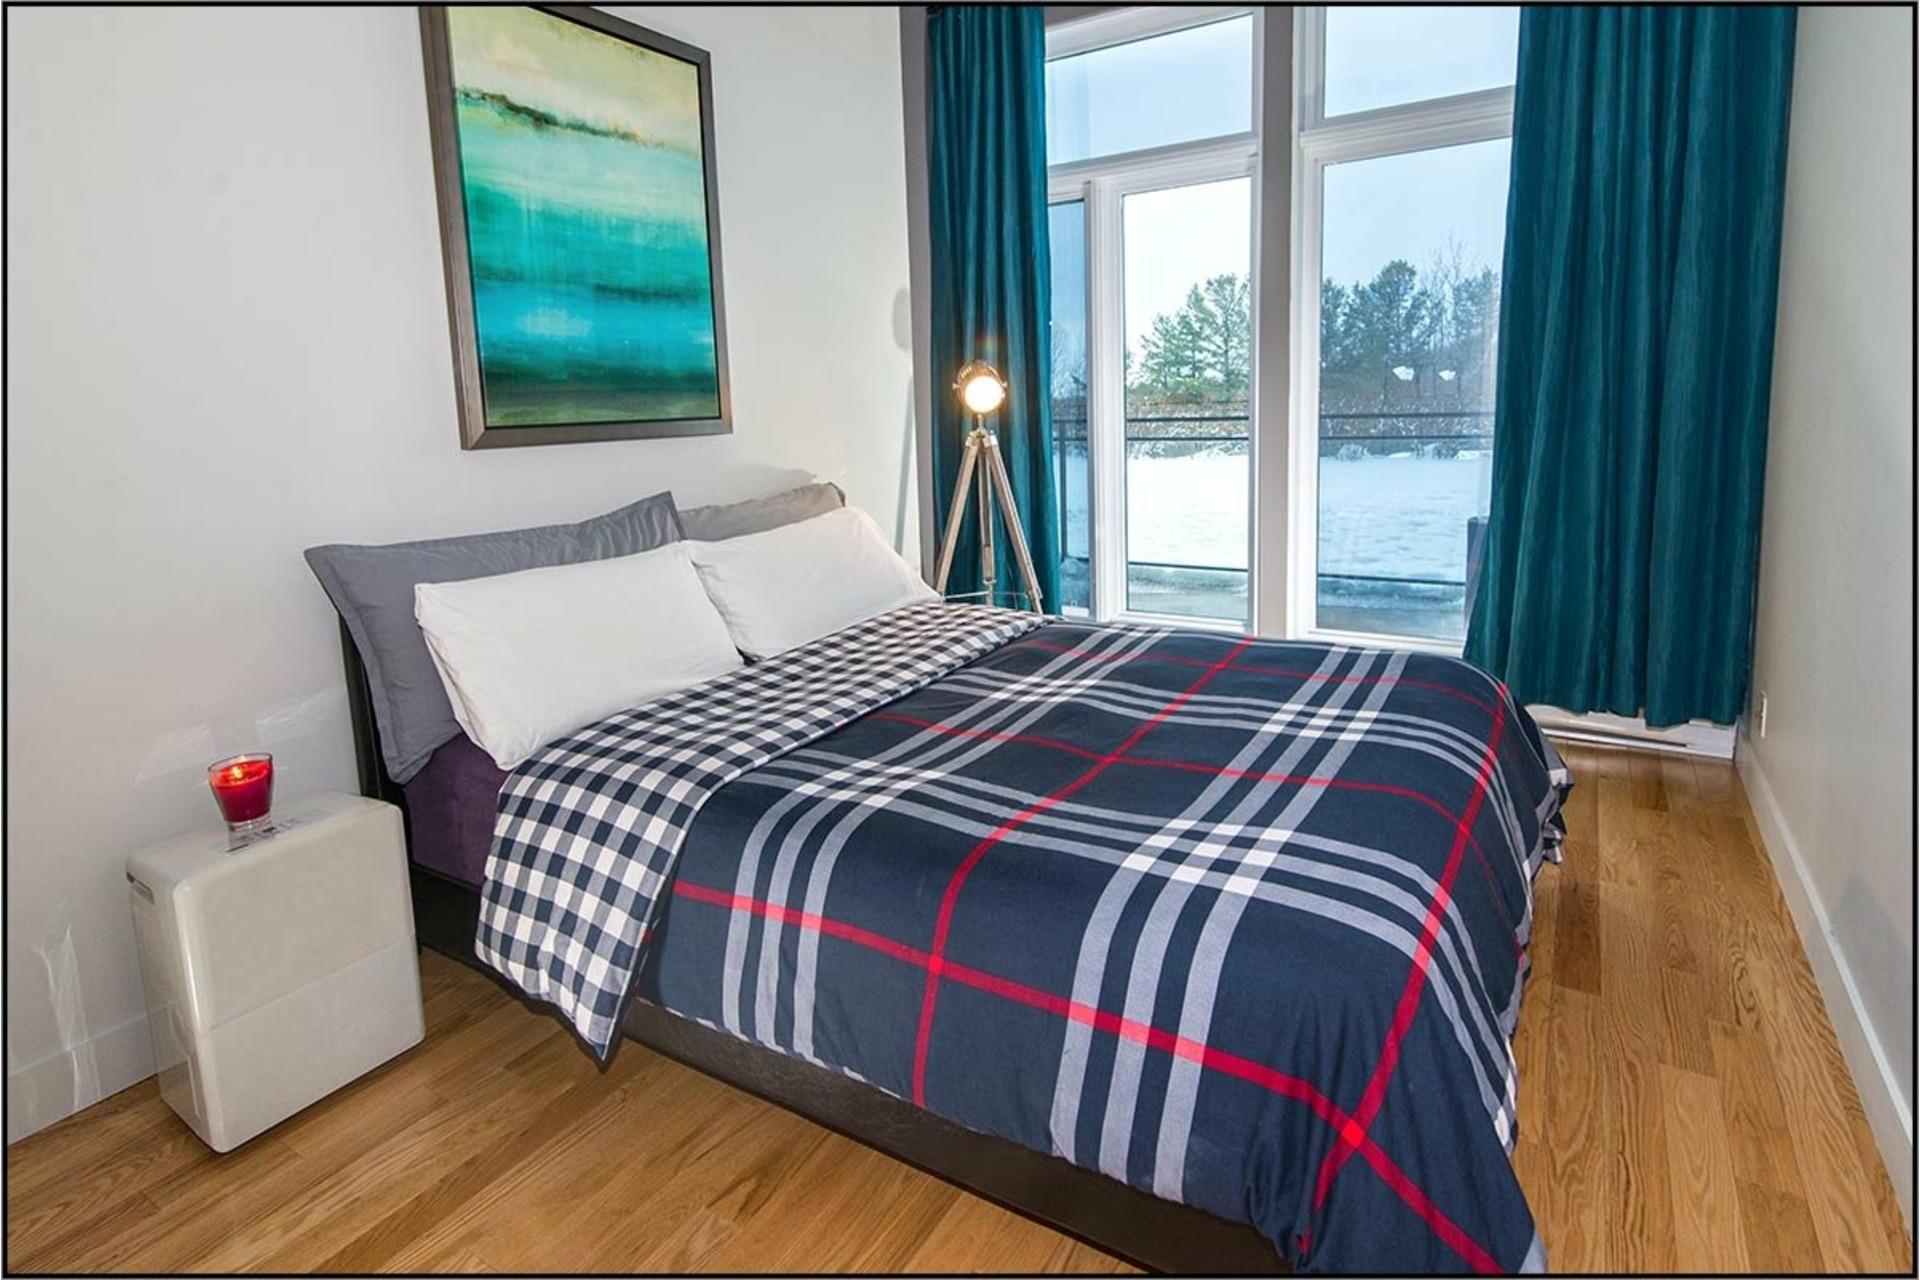 image 8 - Apartment For sale Saint-Augustin-de-Desmaures - 10 rooms